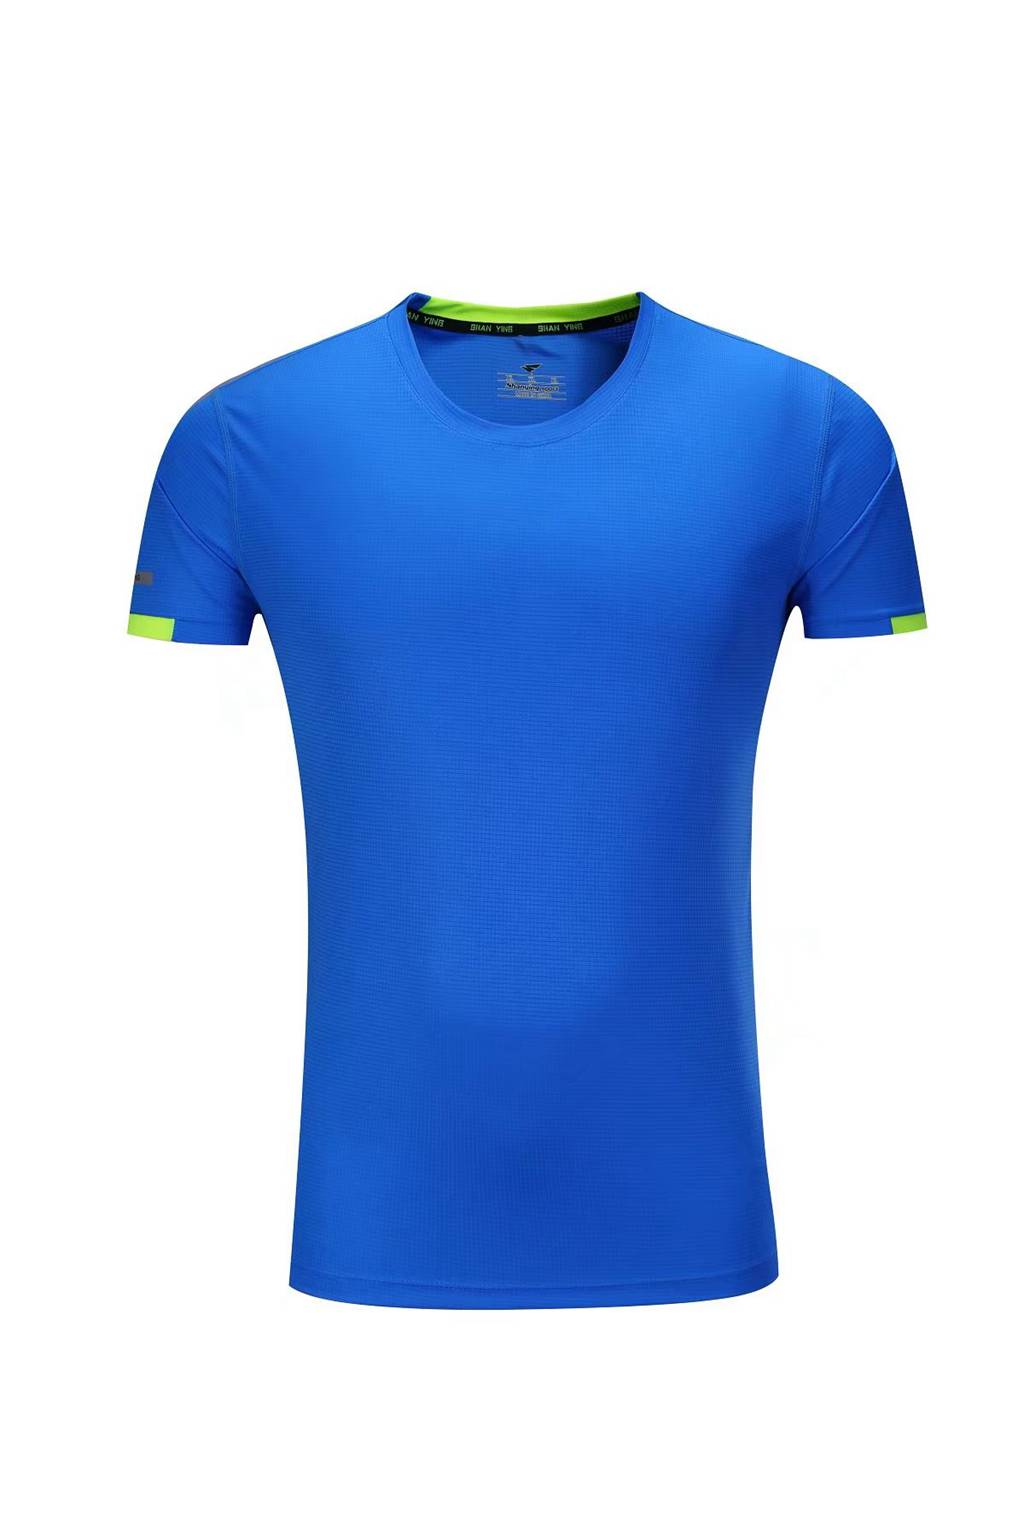 春夏新品 圆领短袖T恤 时尚运动文化衫 湖蓝色 3D效果图